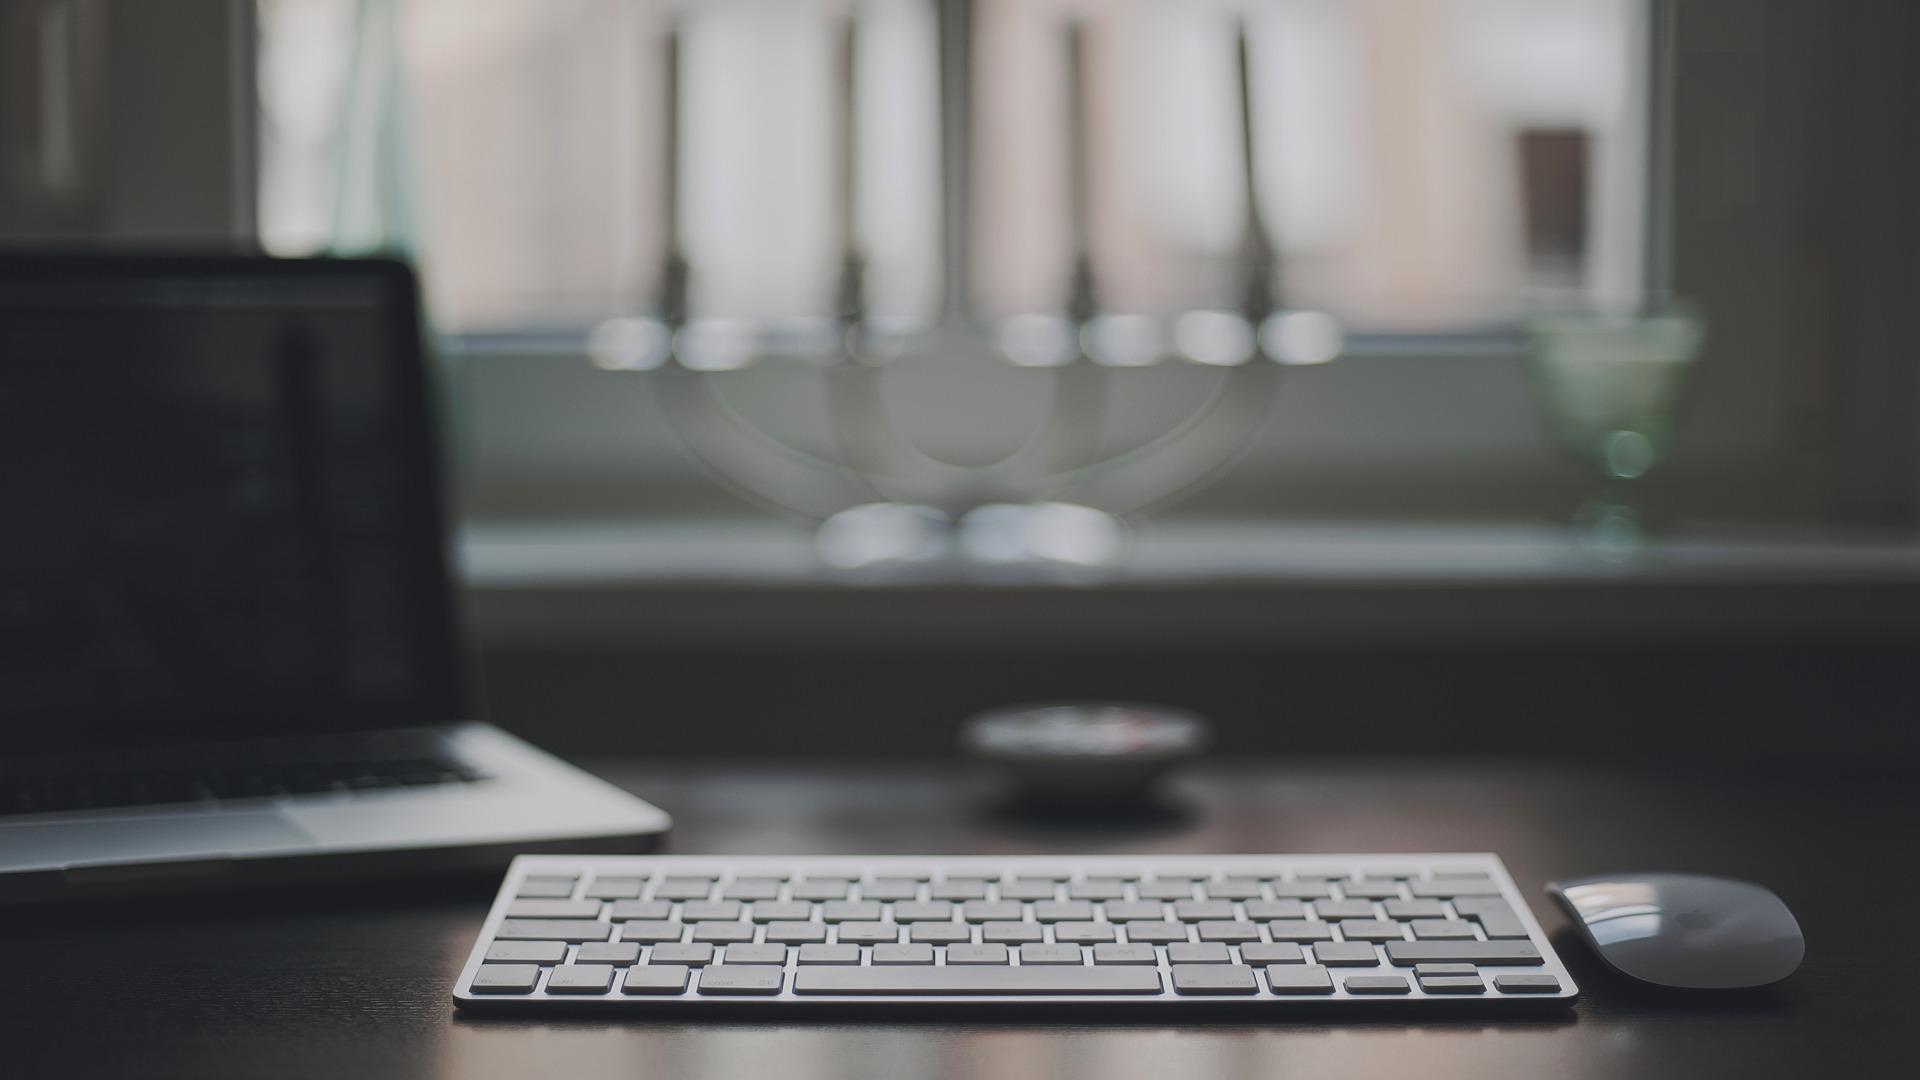 Снова в школу обзор лучших ноутбуков для студентов и школьников - ноутбук, клавиатура и мышь